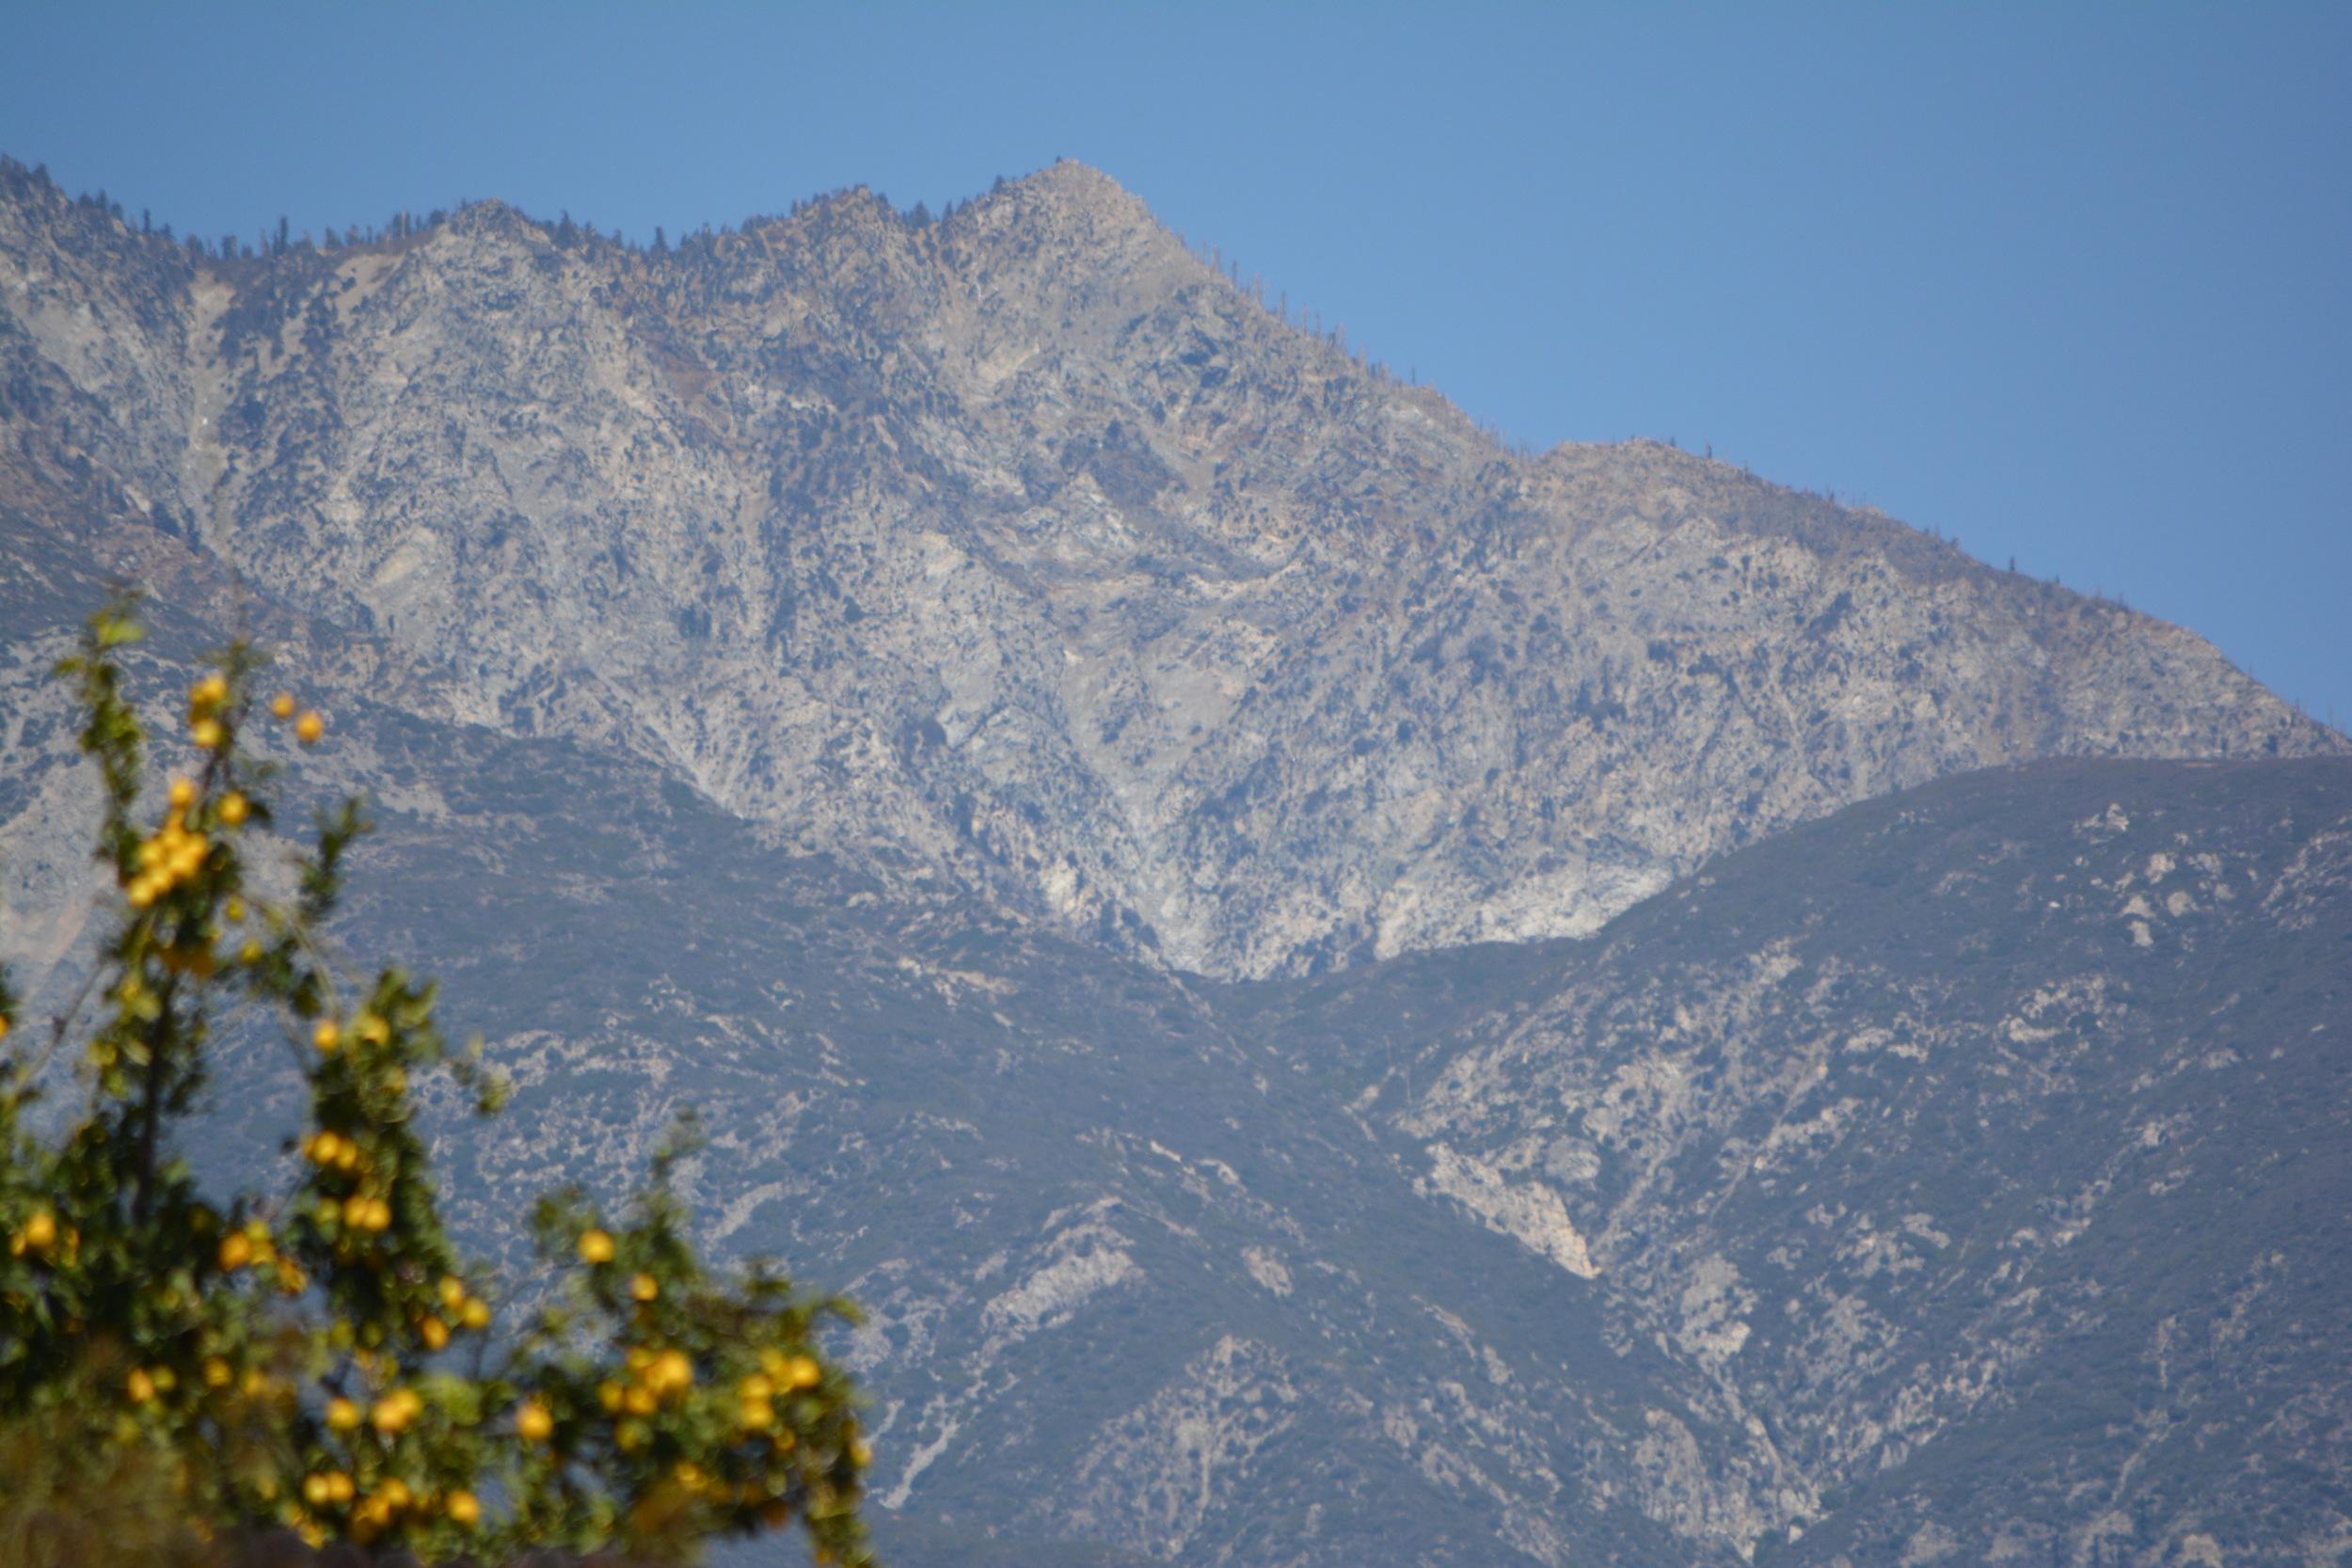 San Gabriel Mountains. Photo by EL